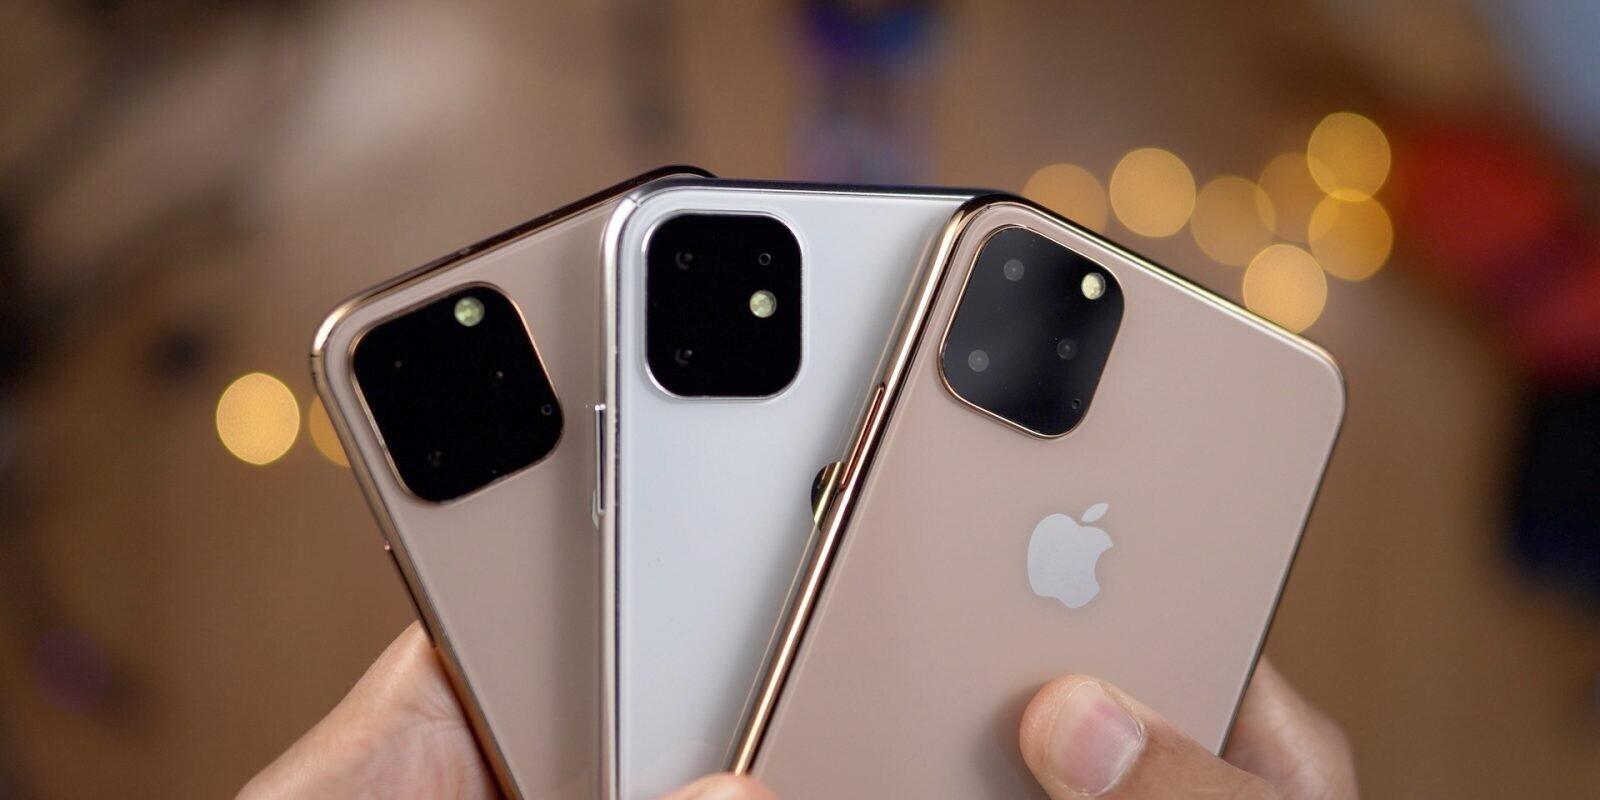 Kiderült, hogy mi lesz a neve az idei iPhone készülékeknek